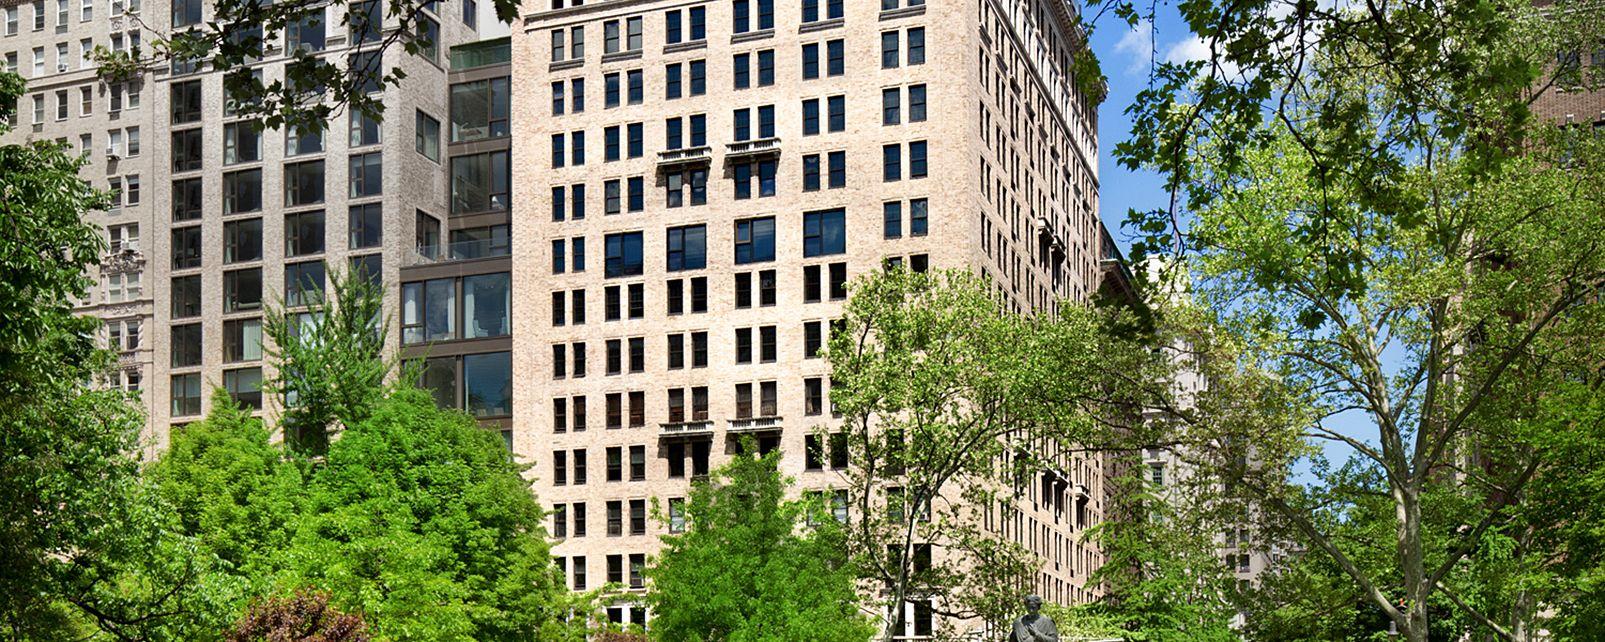 Hotel Gramercy Park Hotel